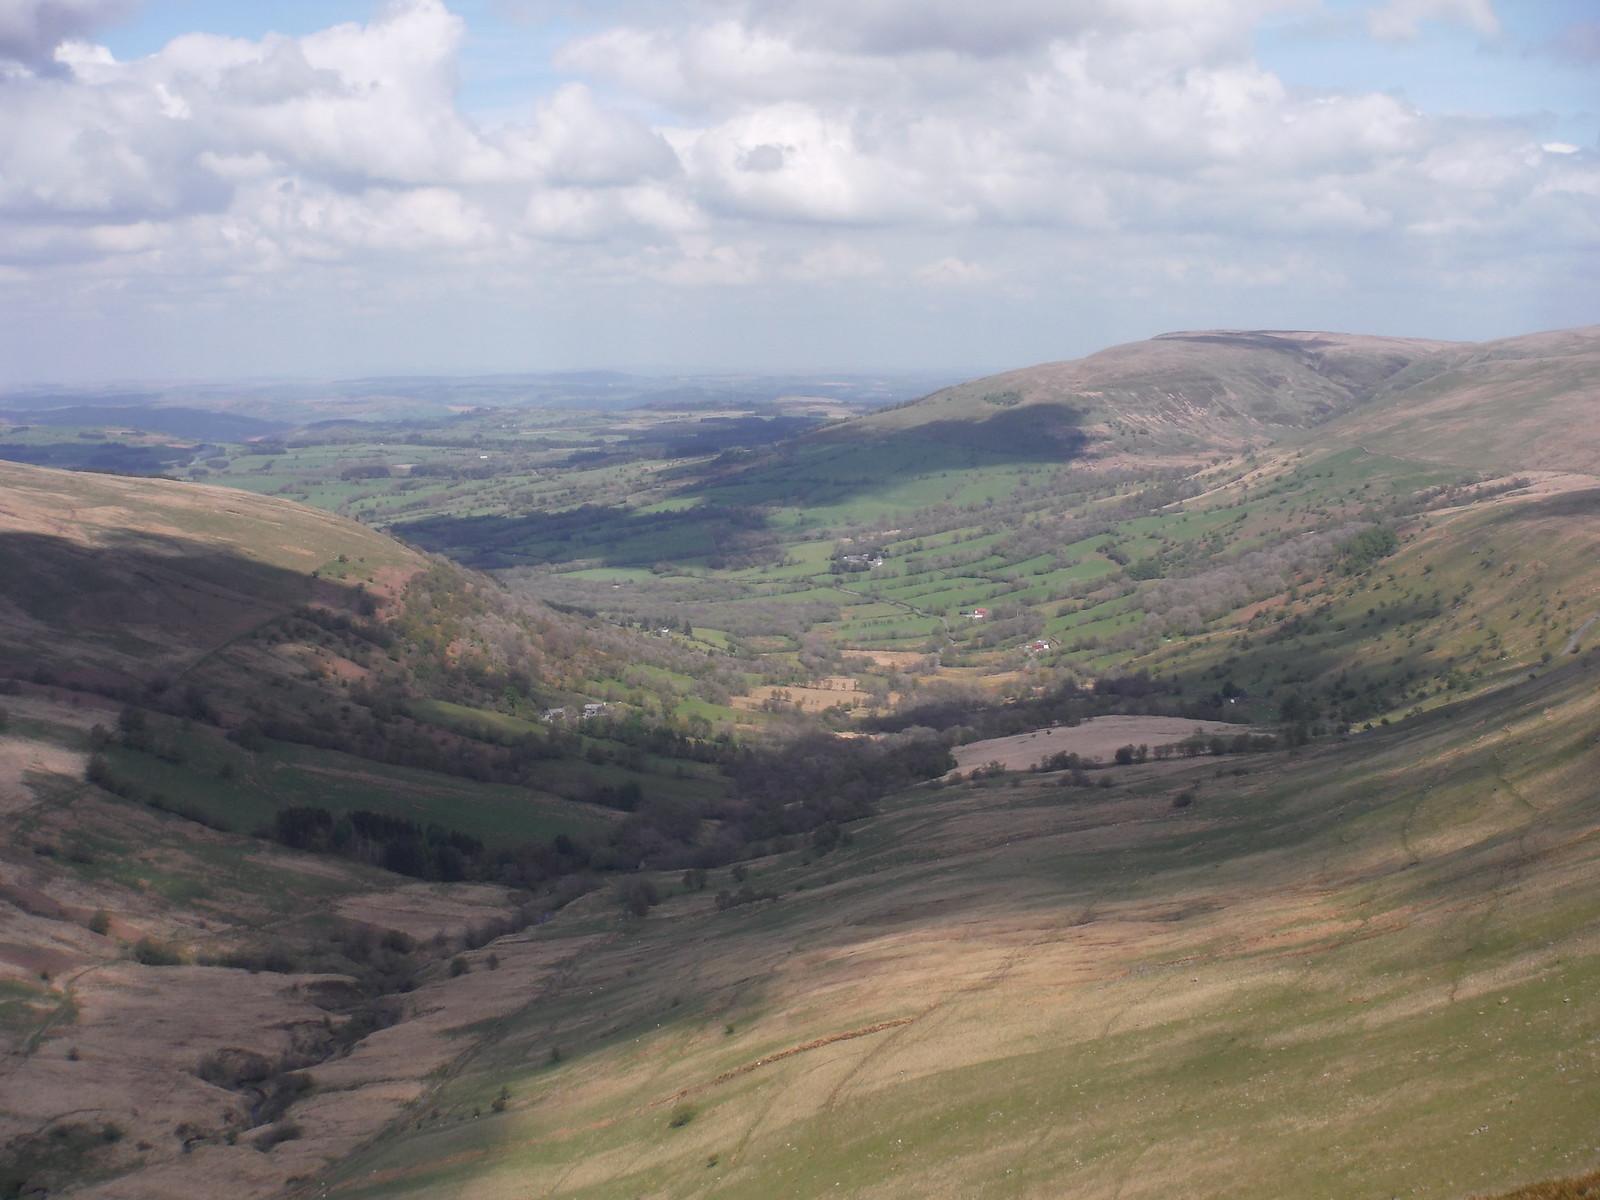 View from Fan Nedd Ascent SWC Walk 307 - Fforest Fawr Traverse (Craig y Nos to Llwyn-y-celyn)